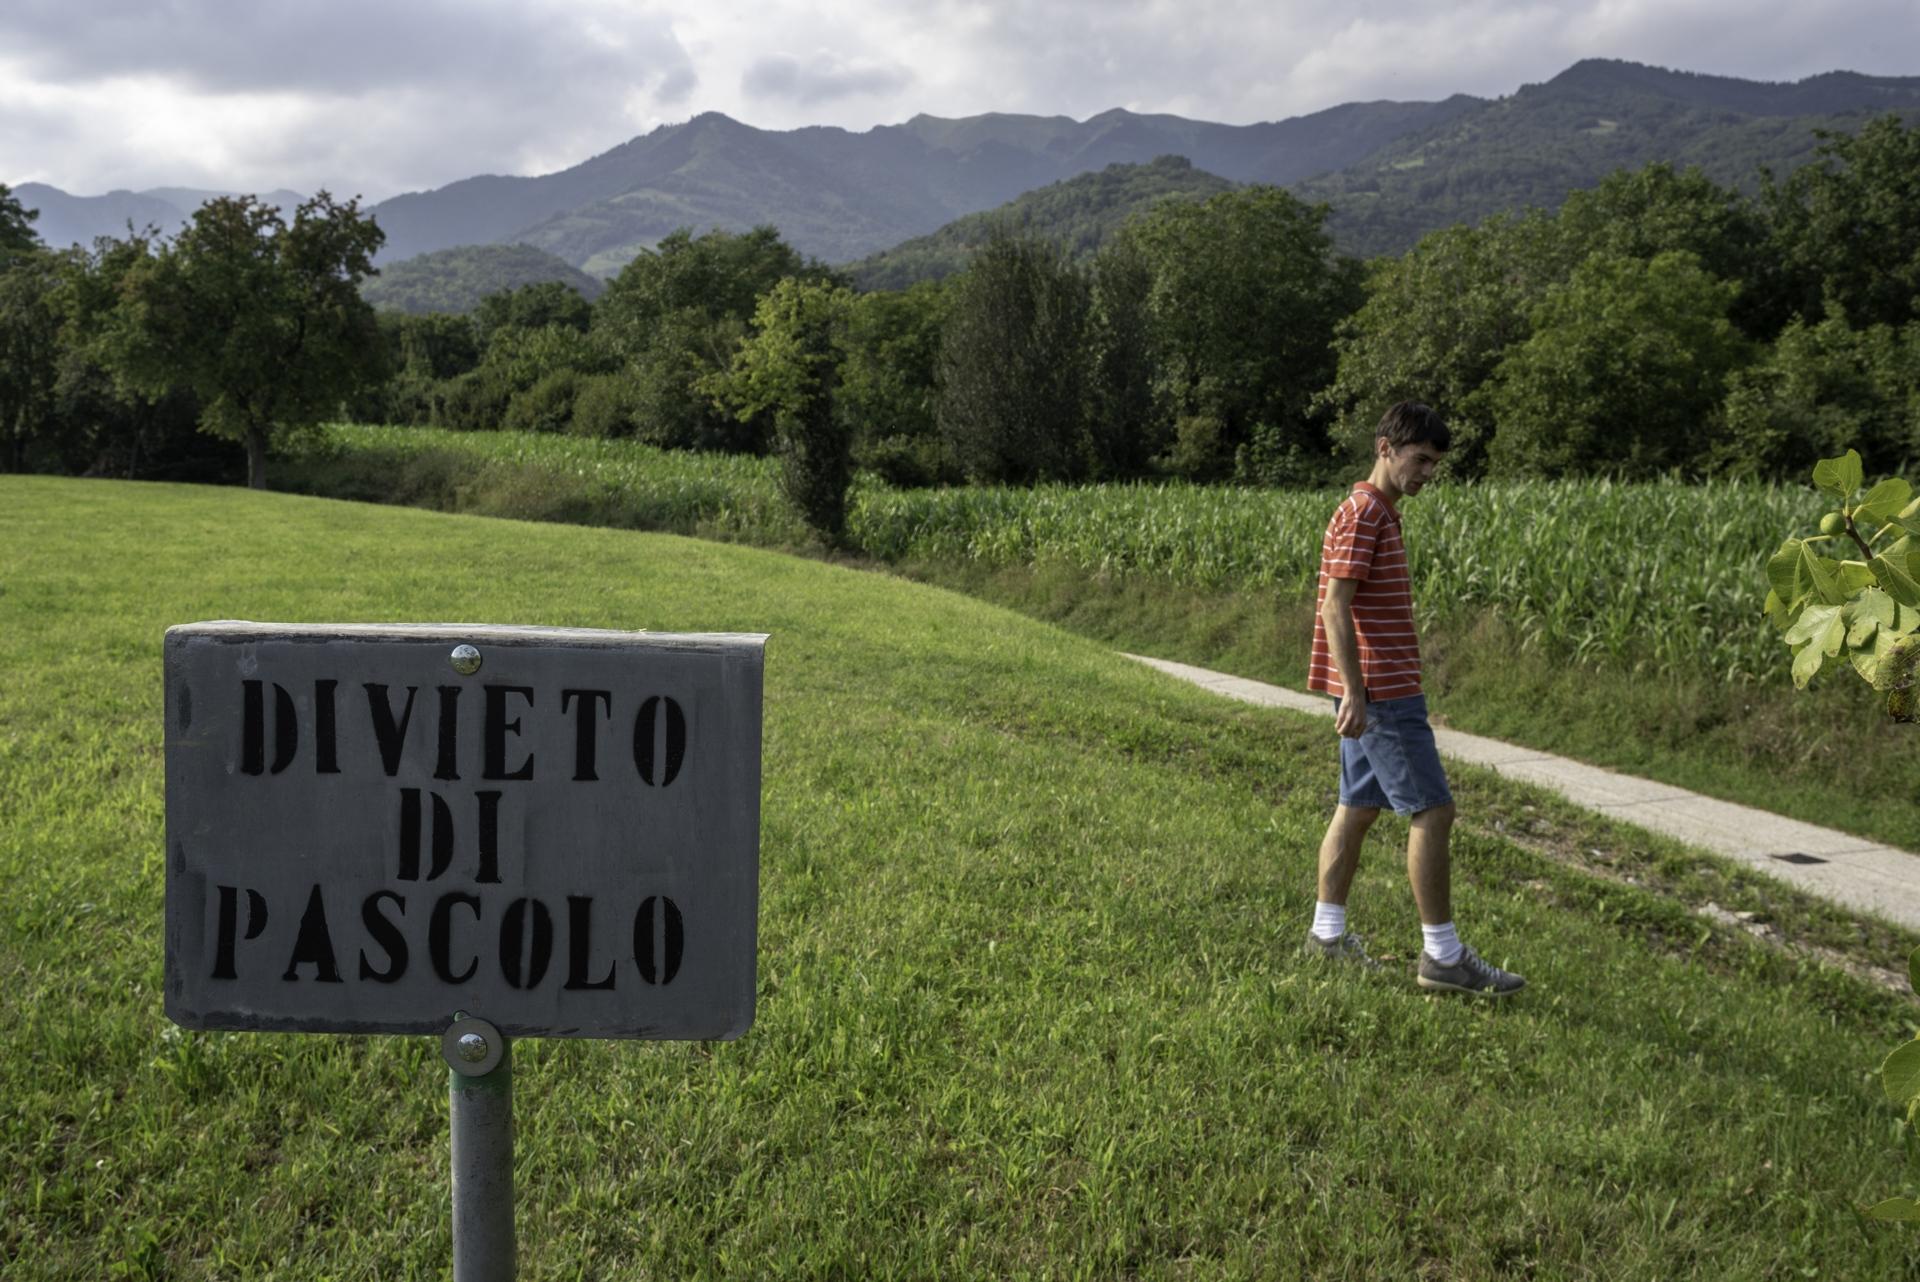 Prima dell'installazione dei nuovi vitigni la zona rurale era caratterizzata da colture di mais per allevamento e pascolo. Damiano Salvestro è una delle sentinelle cittadine che monitora l'invasione di piantagioni di Glera nella sua zona. Cavaso del Tomba (TV).